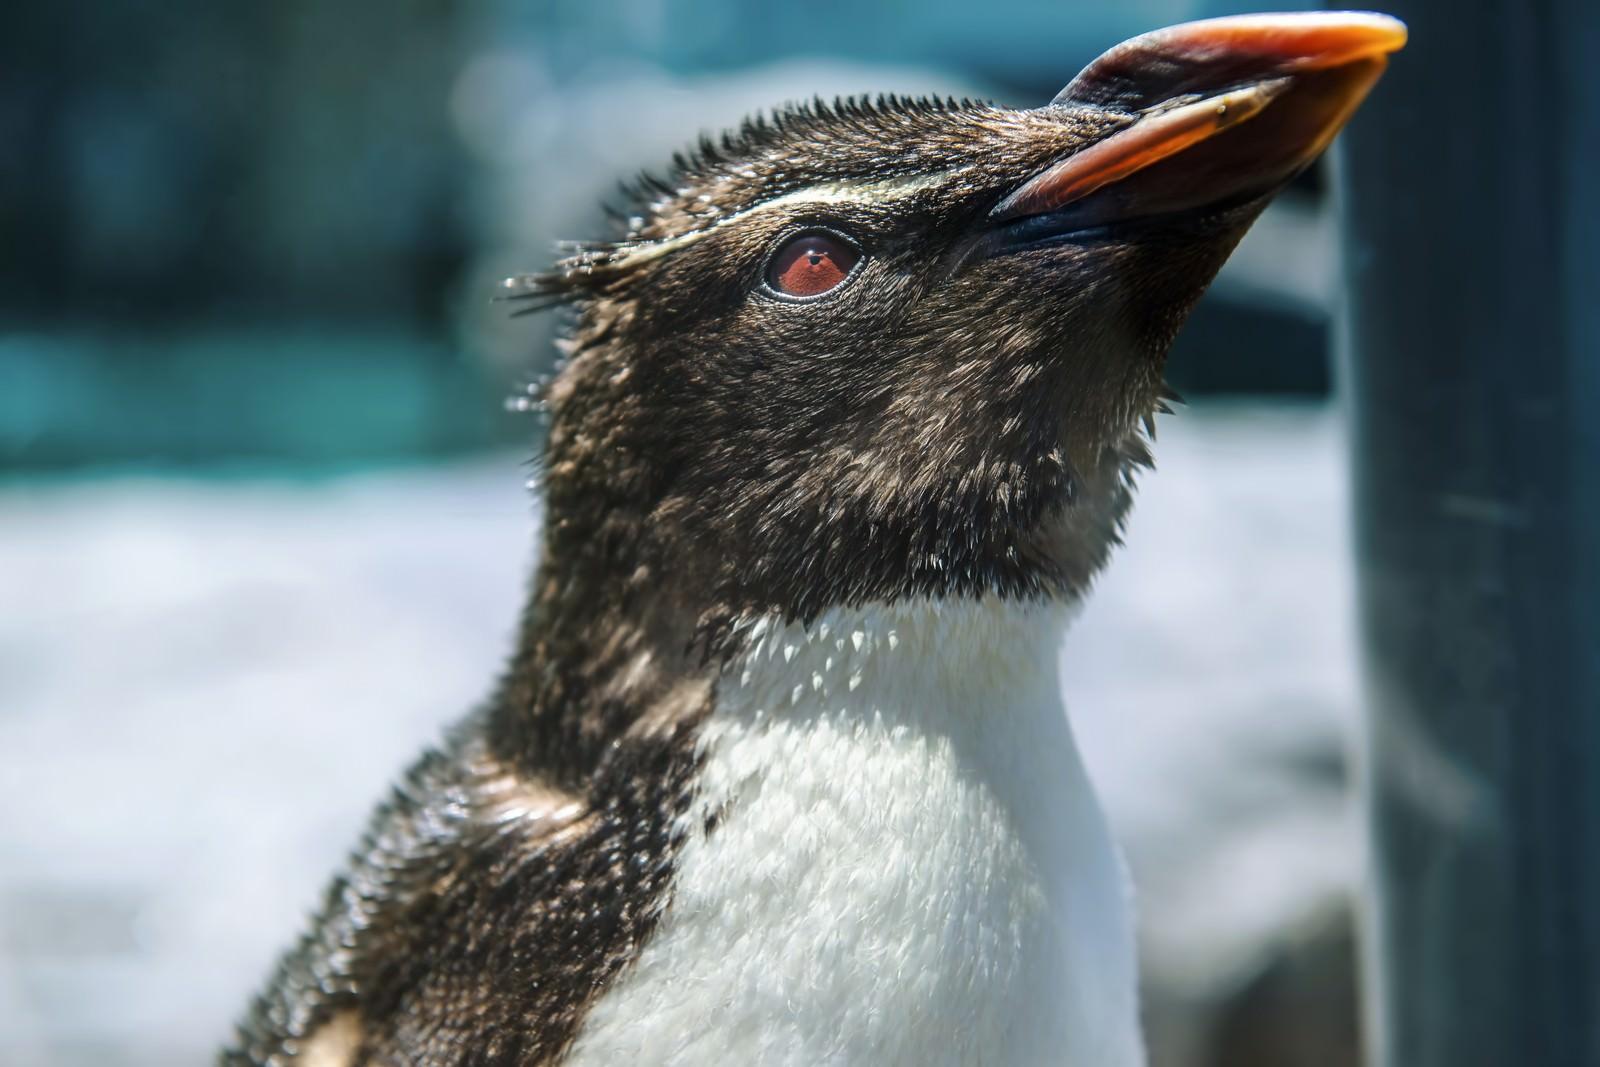 「上を向くペンギン」の写真